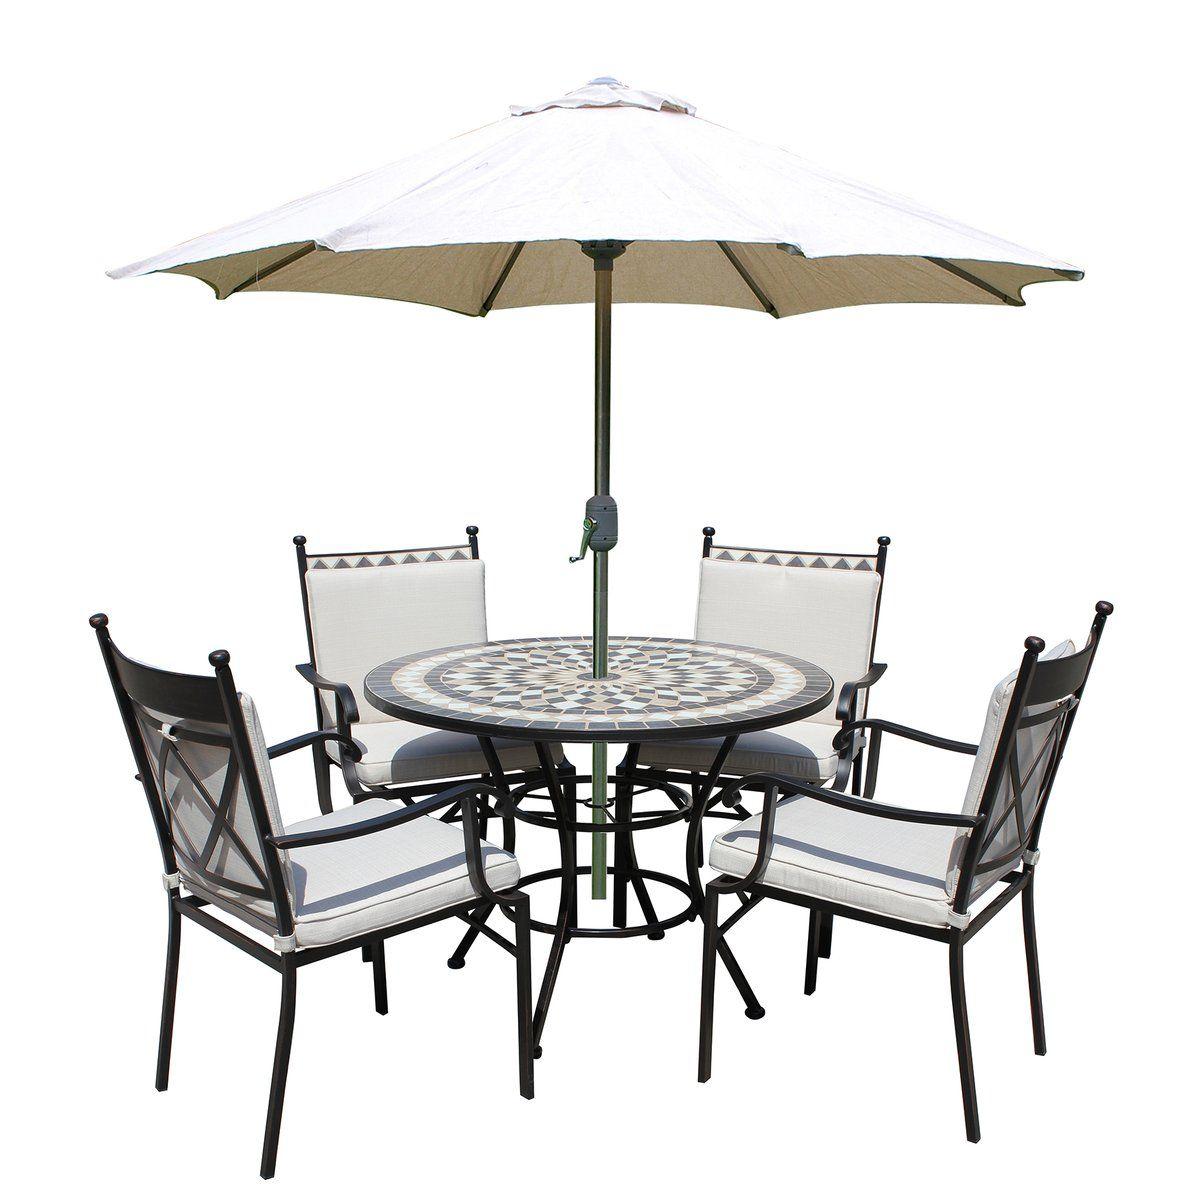 Leisuregrow Casablanca Metal Ceramic 100cm Round 4 Seater Dining Garden Furniture Set With Beige Cushions Garden Furniture Sets Furniture Sets Furniture